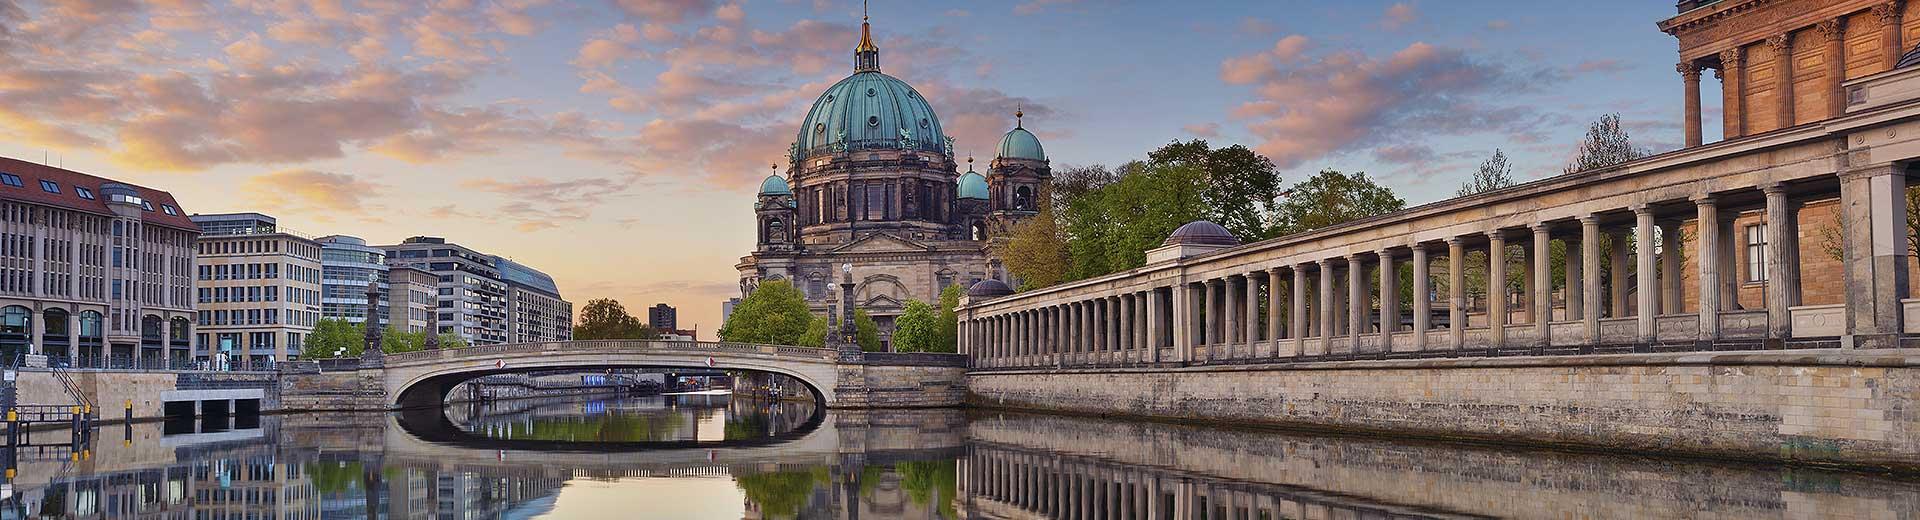 Gruppenreise Berlin